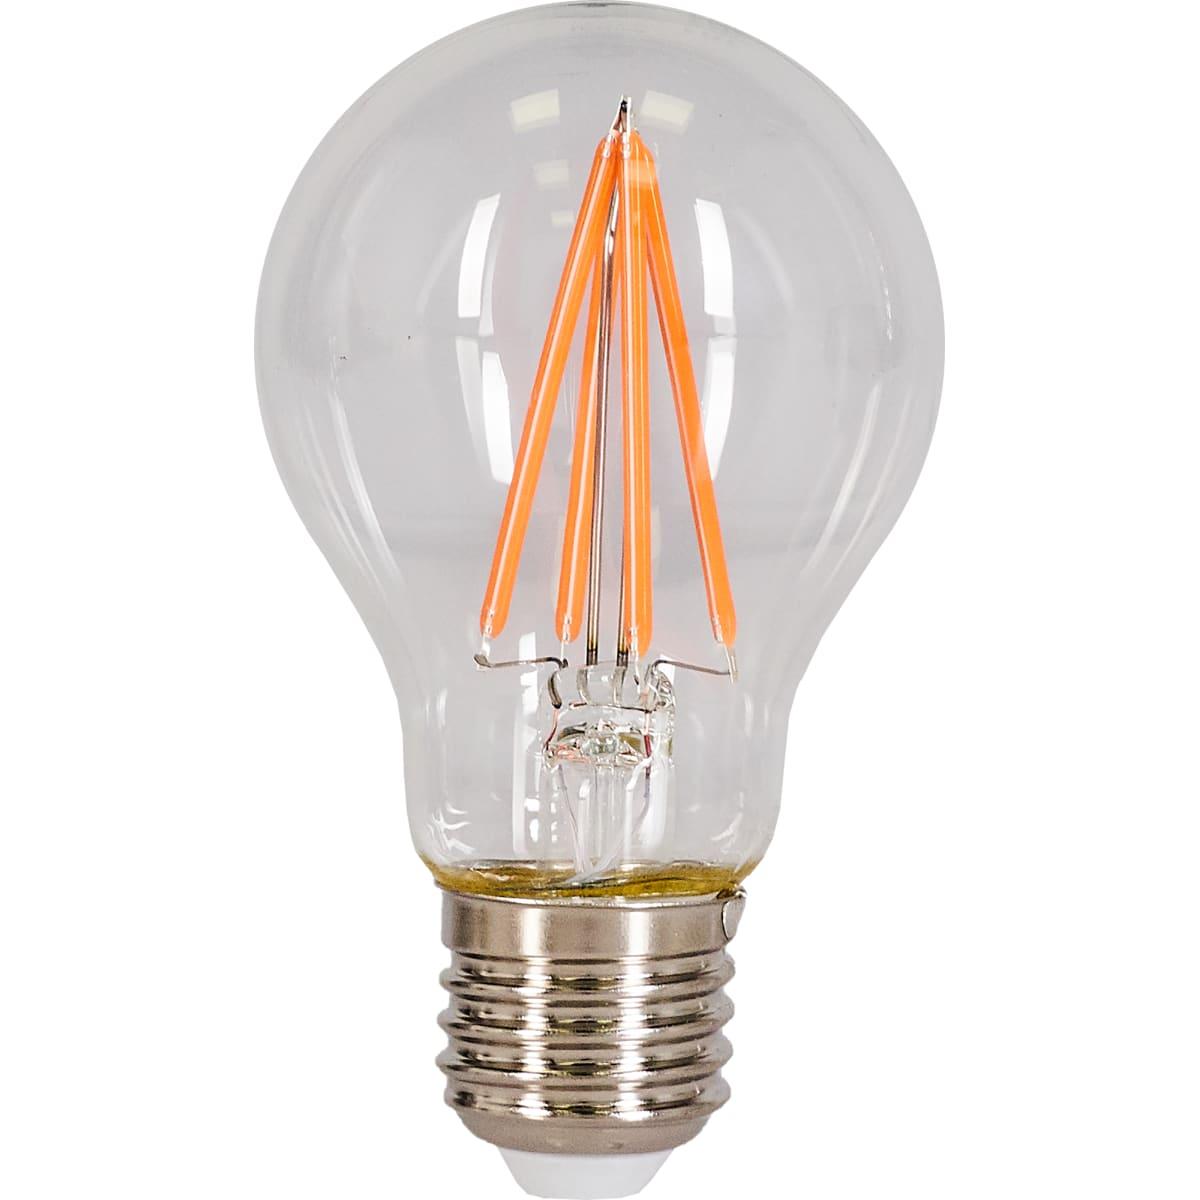 Лампа светодиодная филаментная Gauss E27 6 Вт груша прозрачная 290 лм, фиолетовый свет